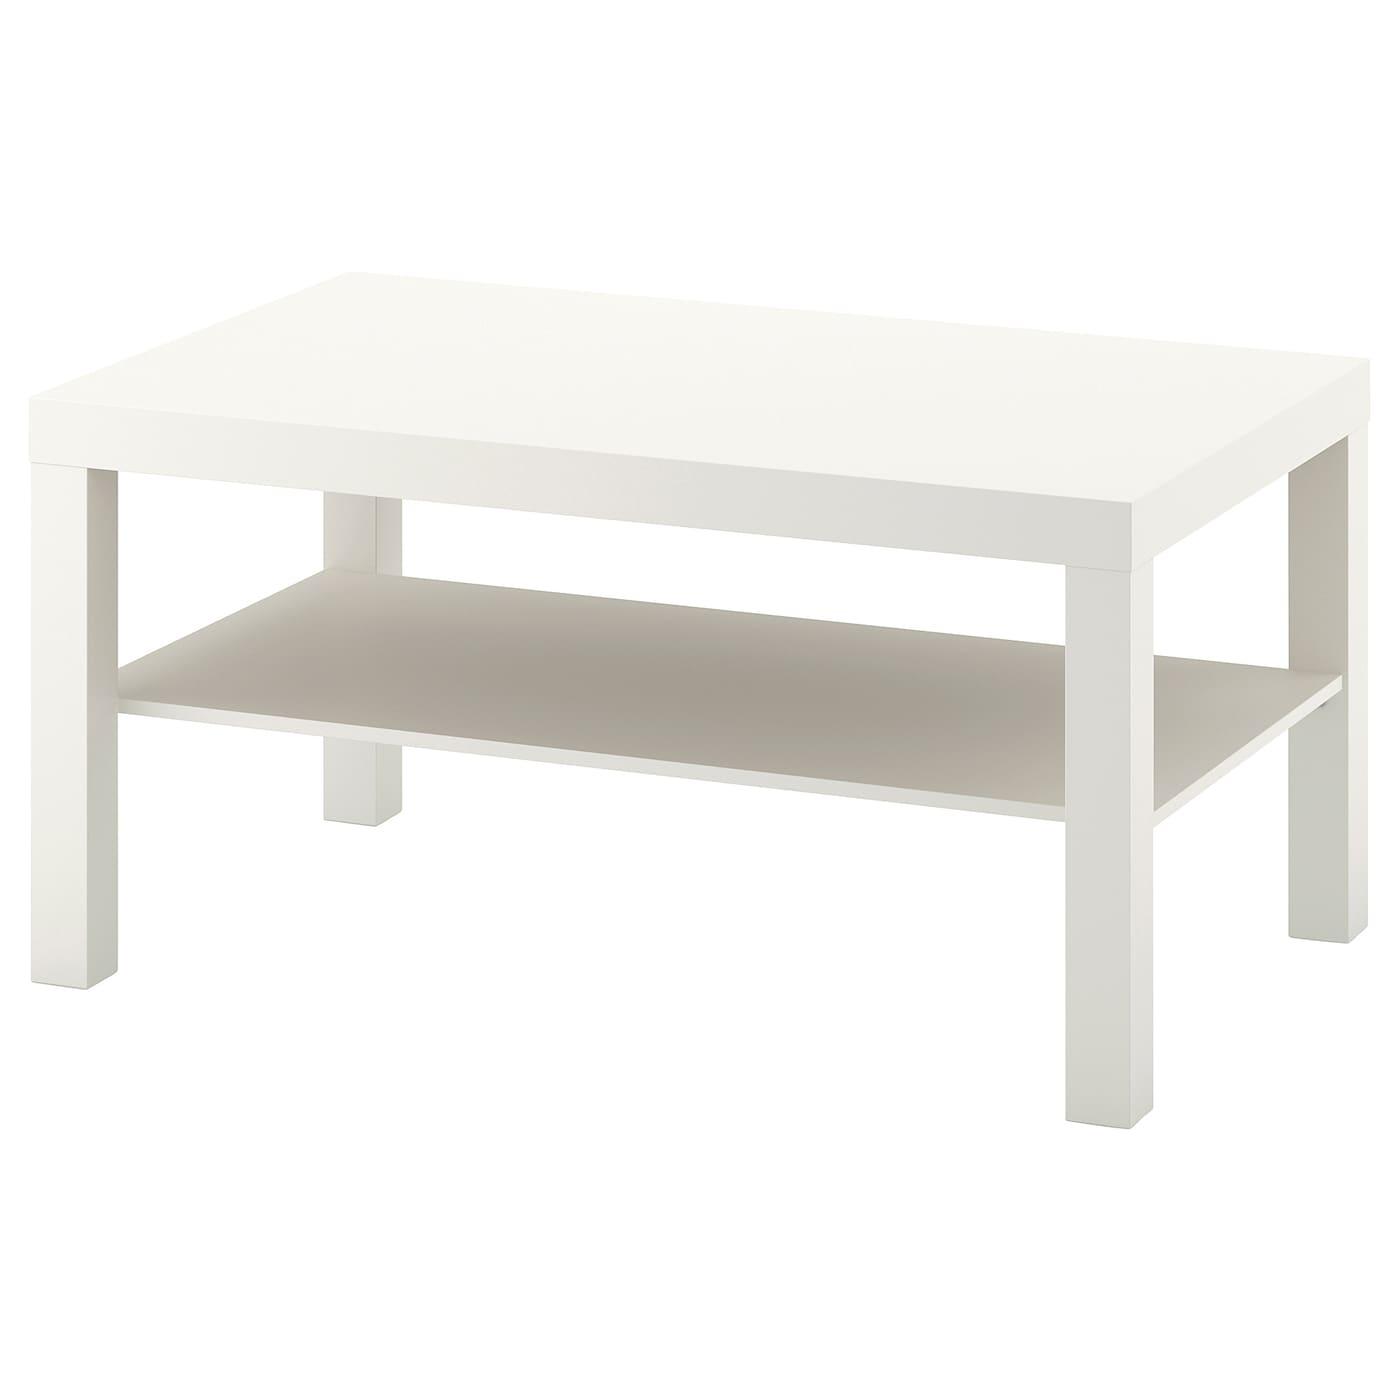 LACK Couchtisch - weiß 36x36 cm